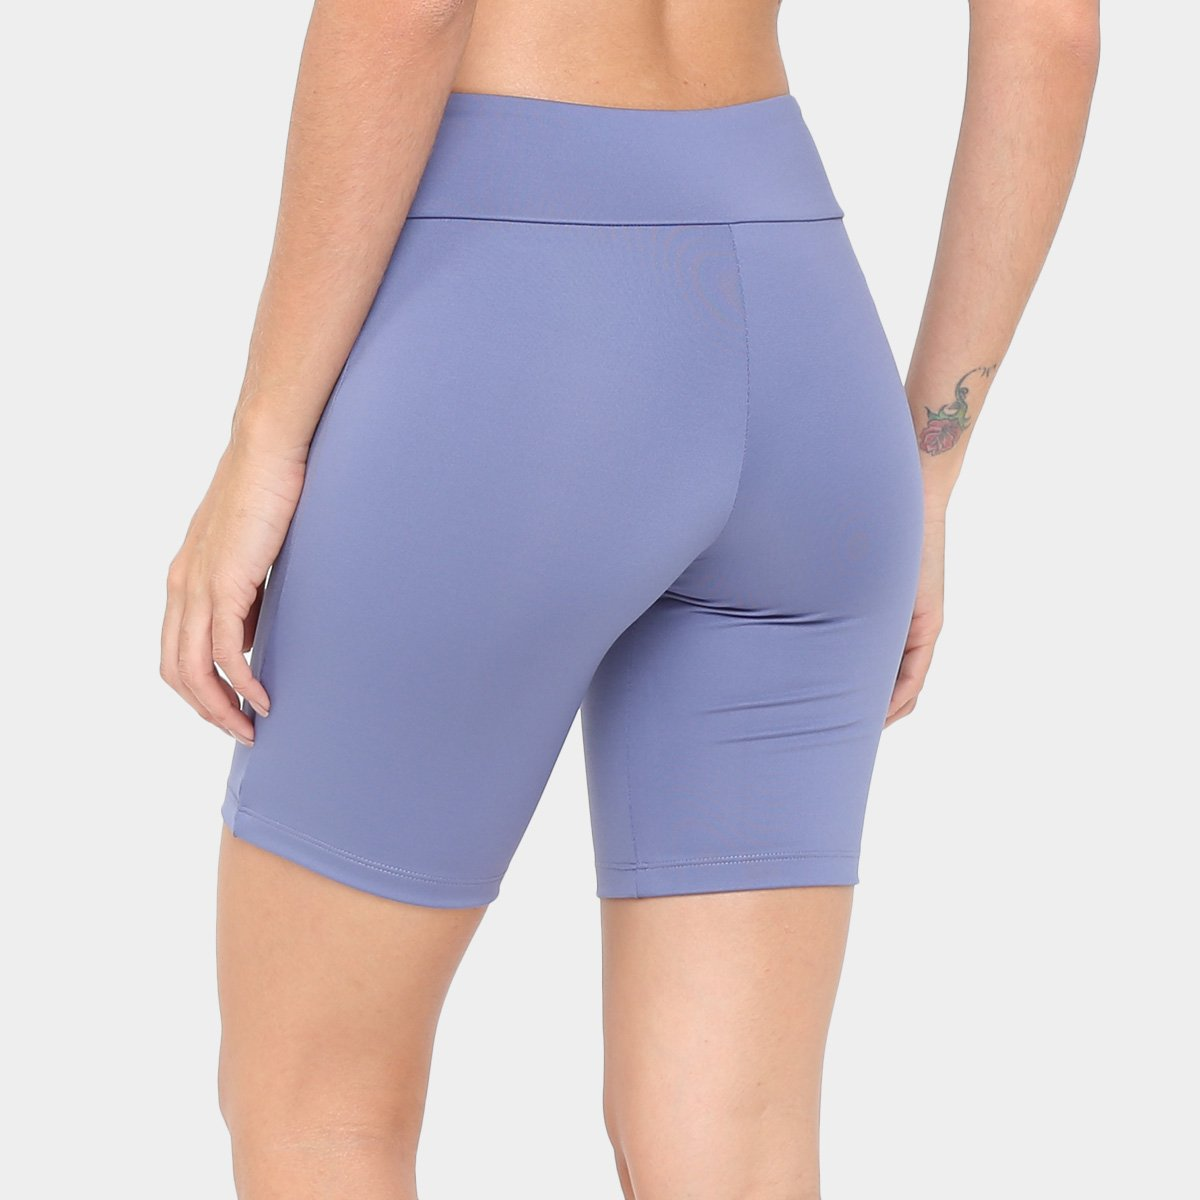 Short Adidas Training Essentials 3S Feminino - Compre Agora ... 8ae18e82fc107